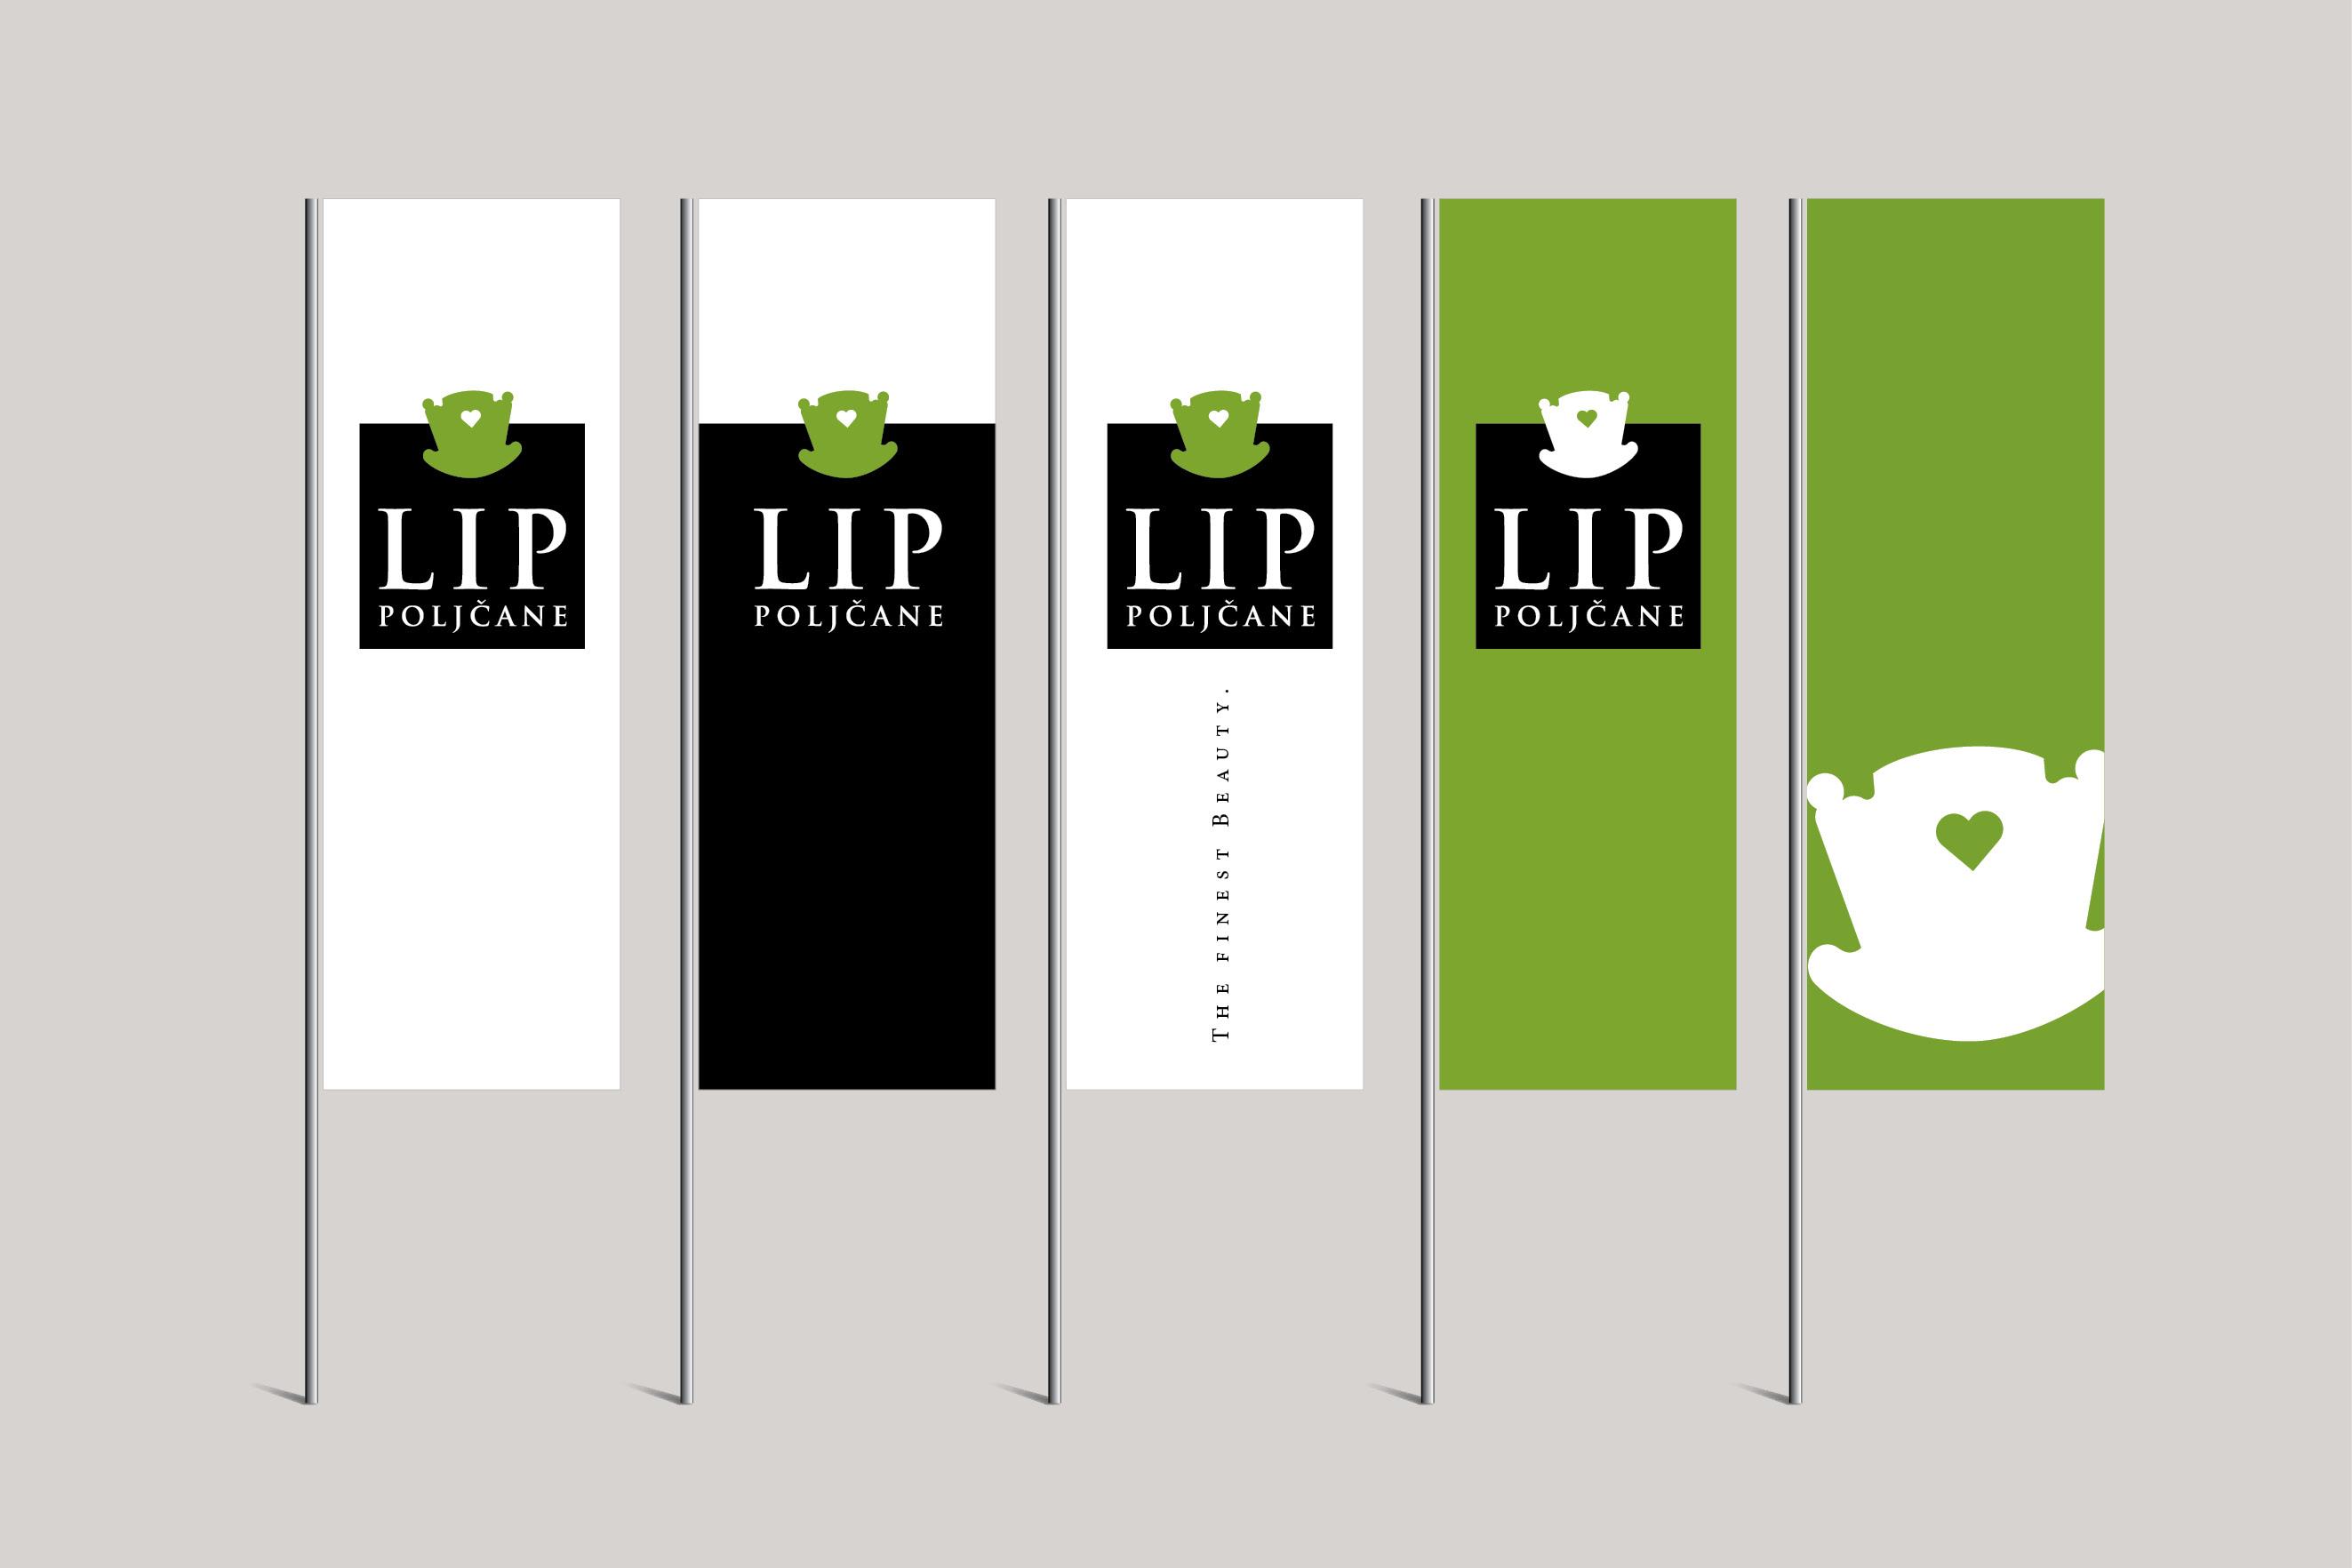 LIP_znak_CGP_9